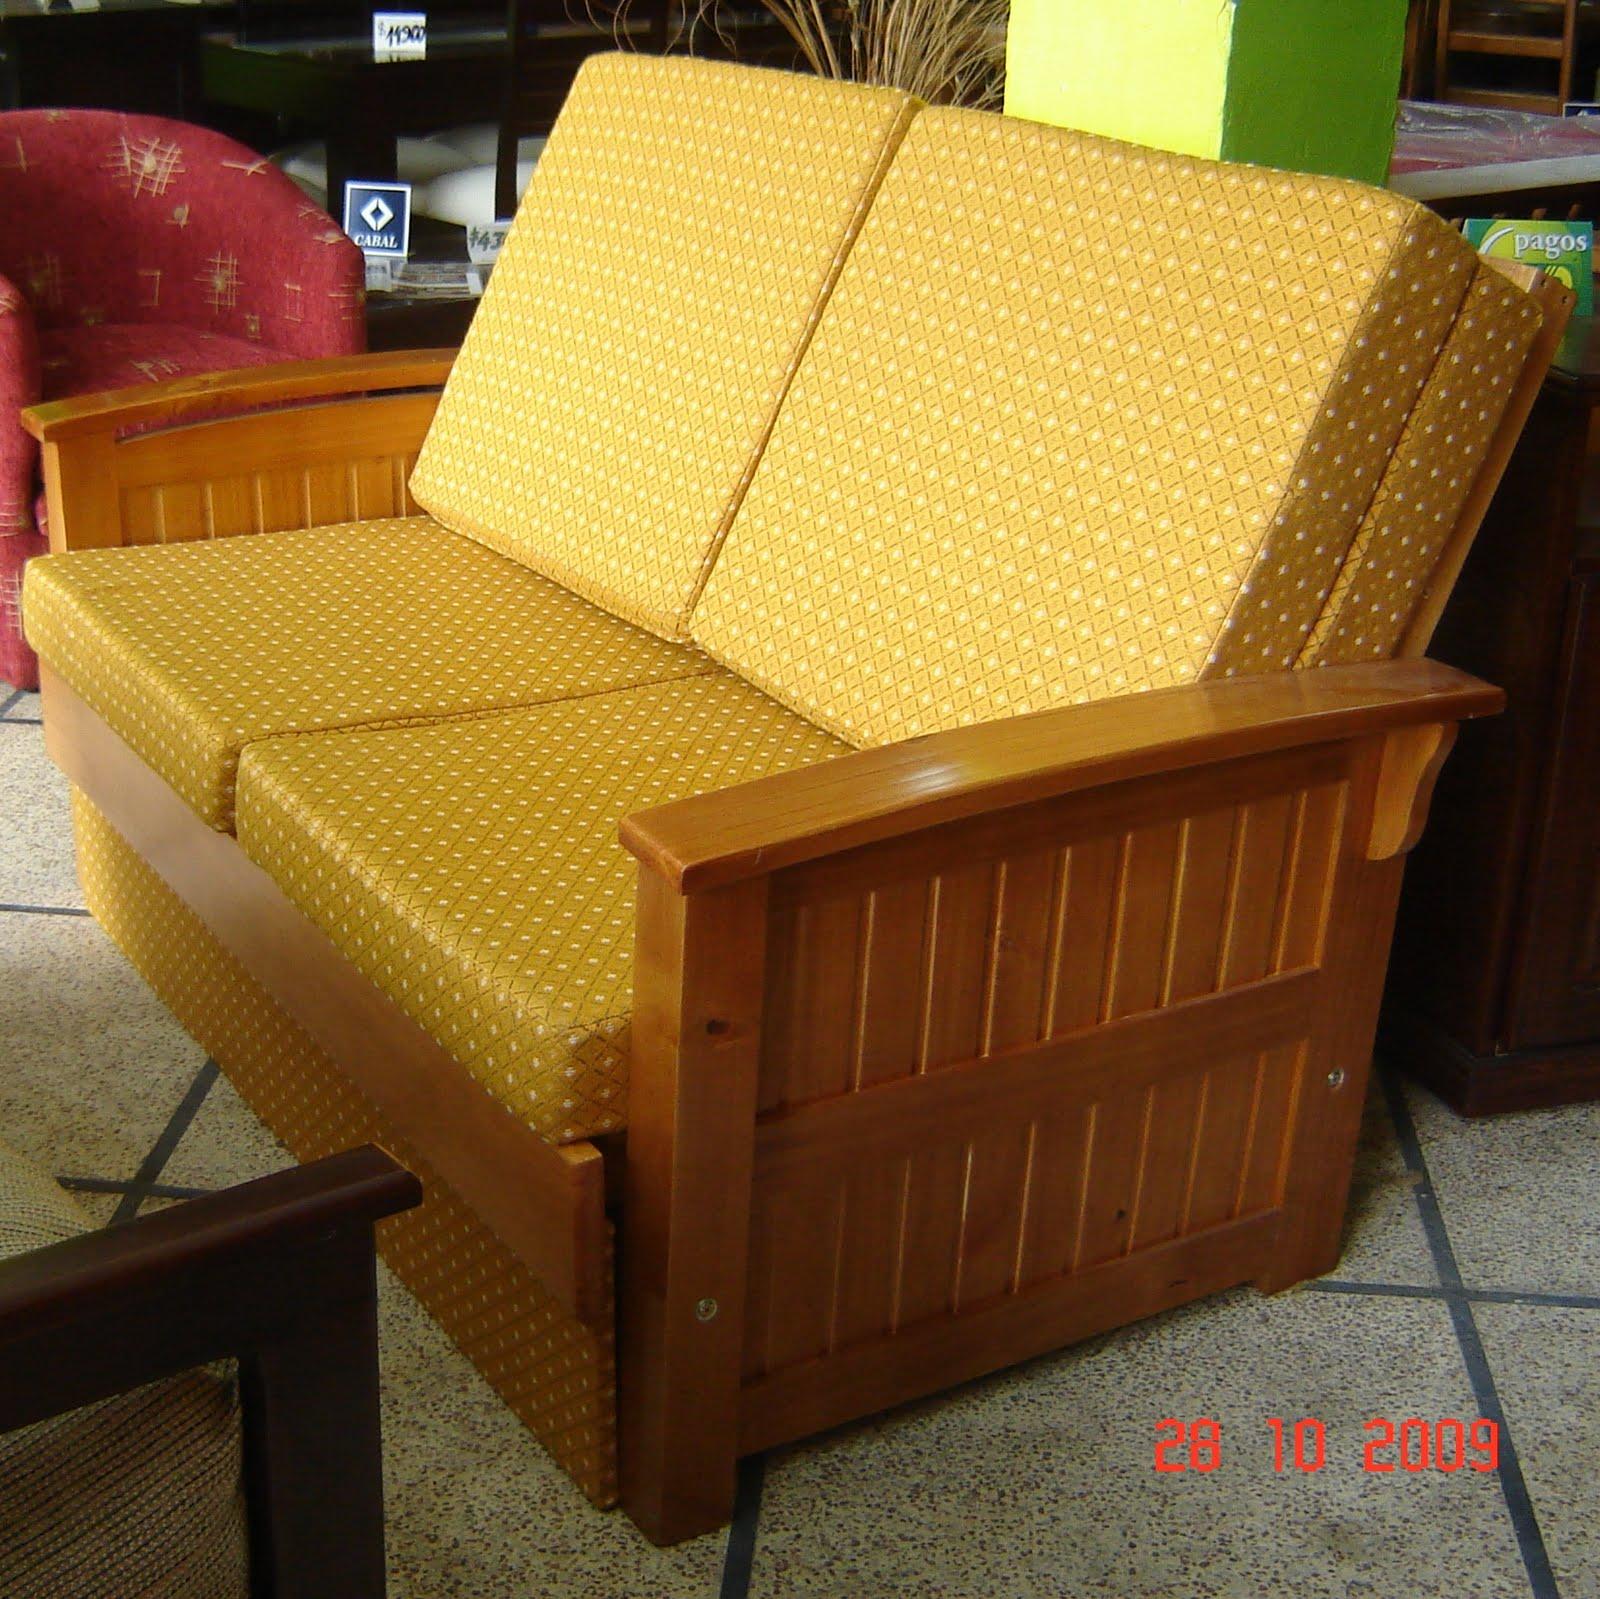 Muebles a tu medida sofa cama de 2 plazas - Sofa cama a medida ...